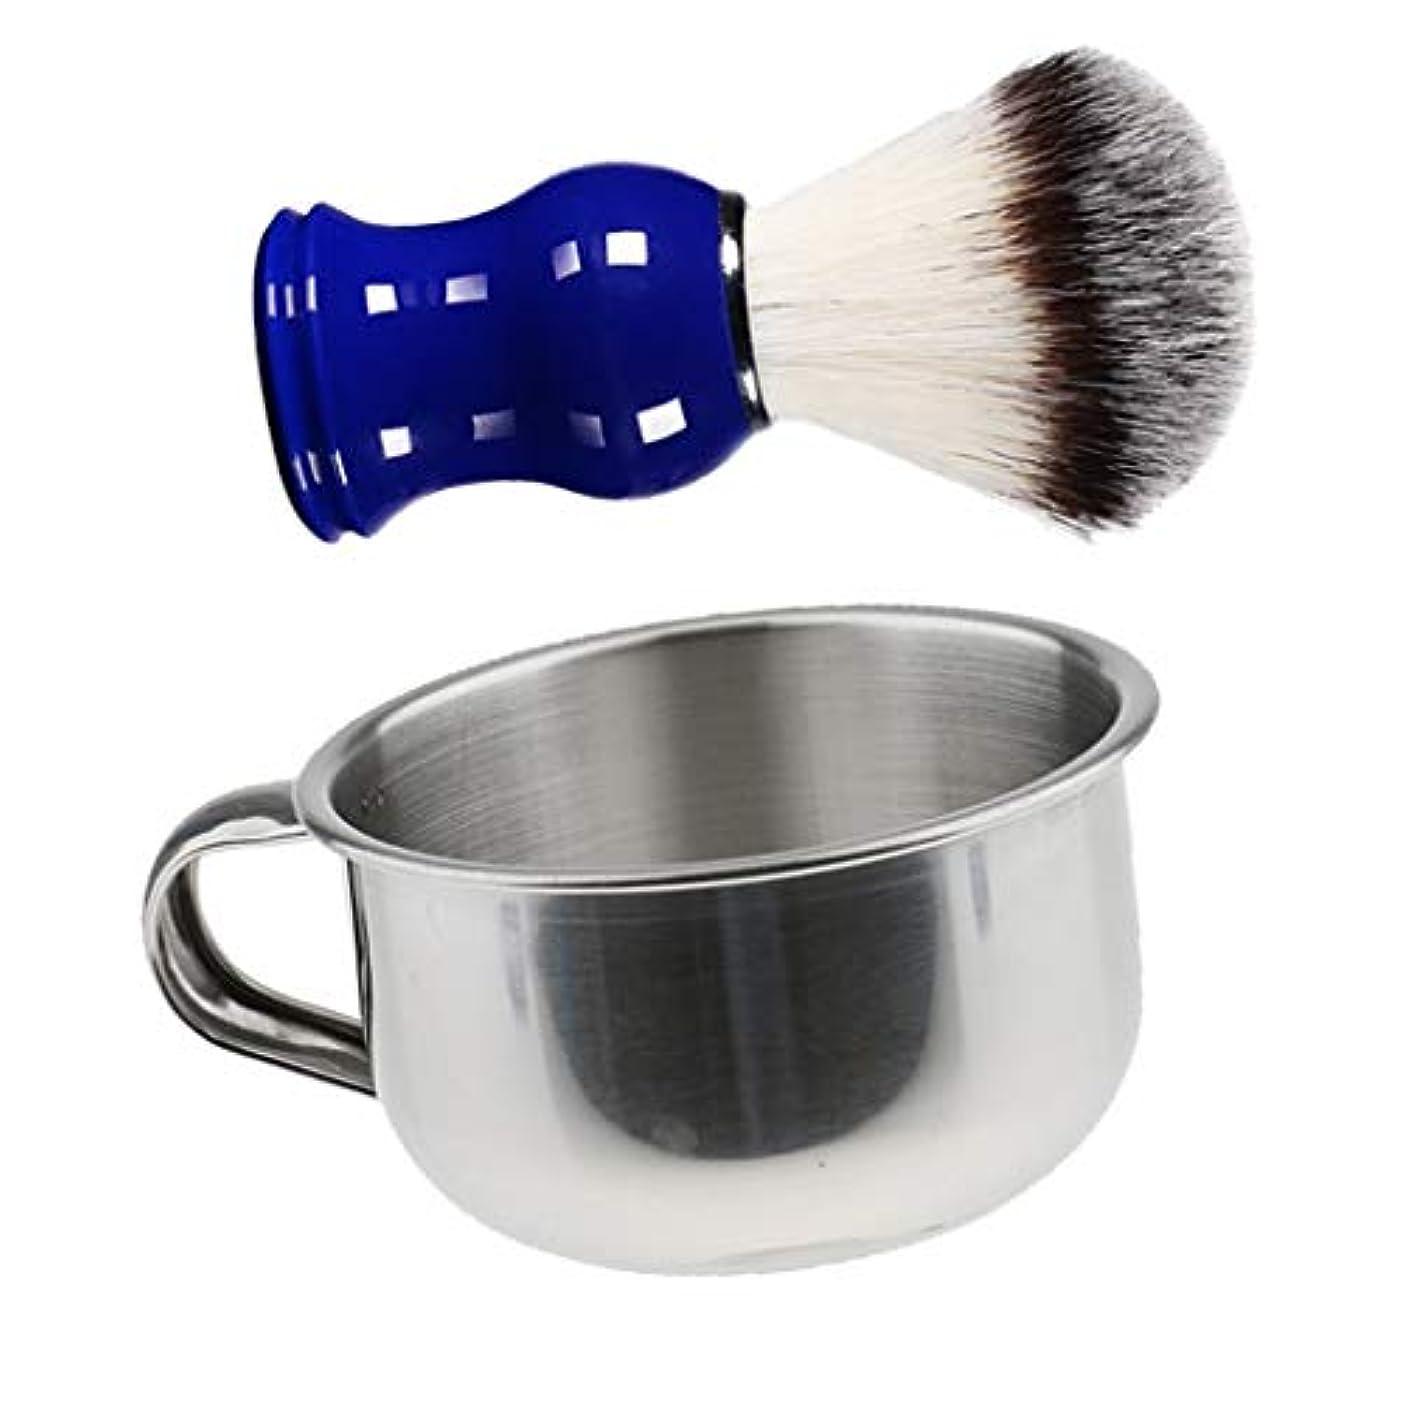 可能性含意はしごシェービングブラシセット ステンレス製シェービングボウル メンズ 理容 洗顔 髭剃り 泡立ち 実用的